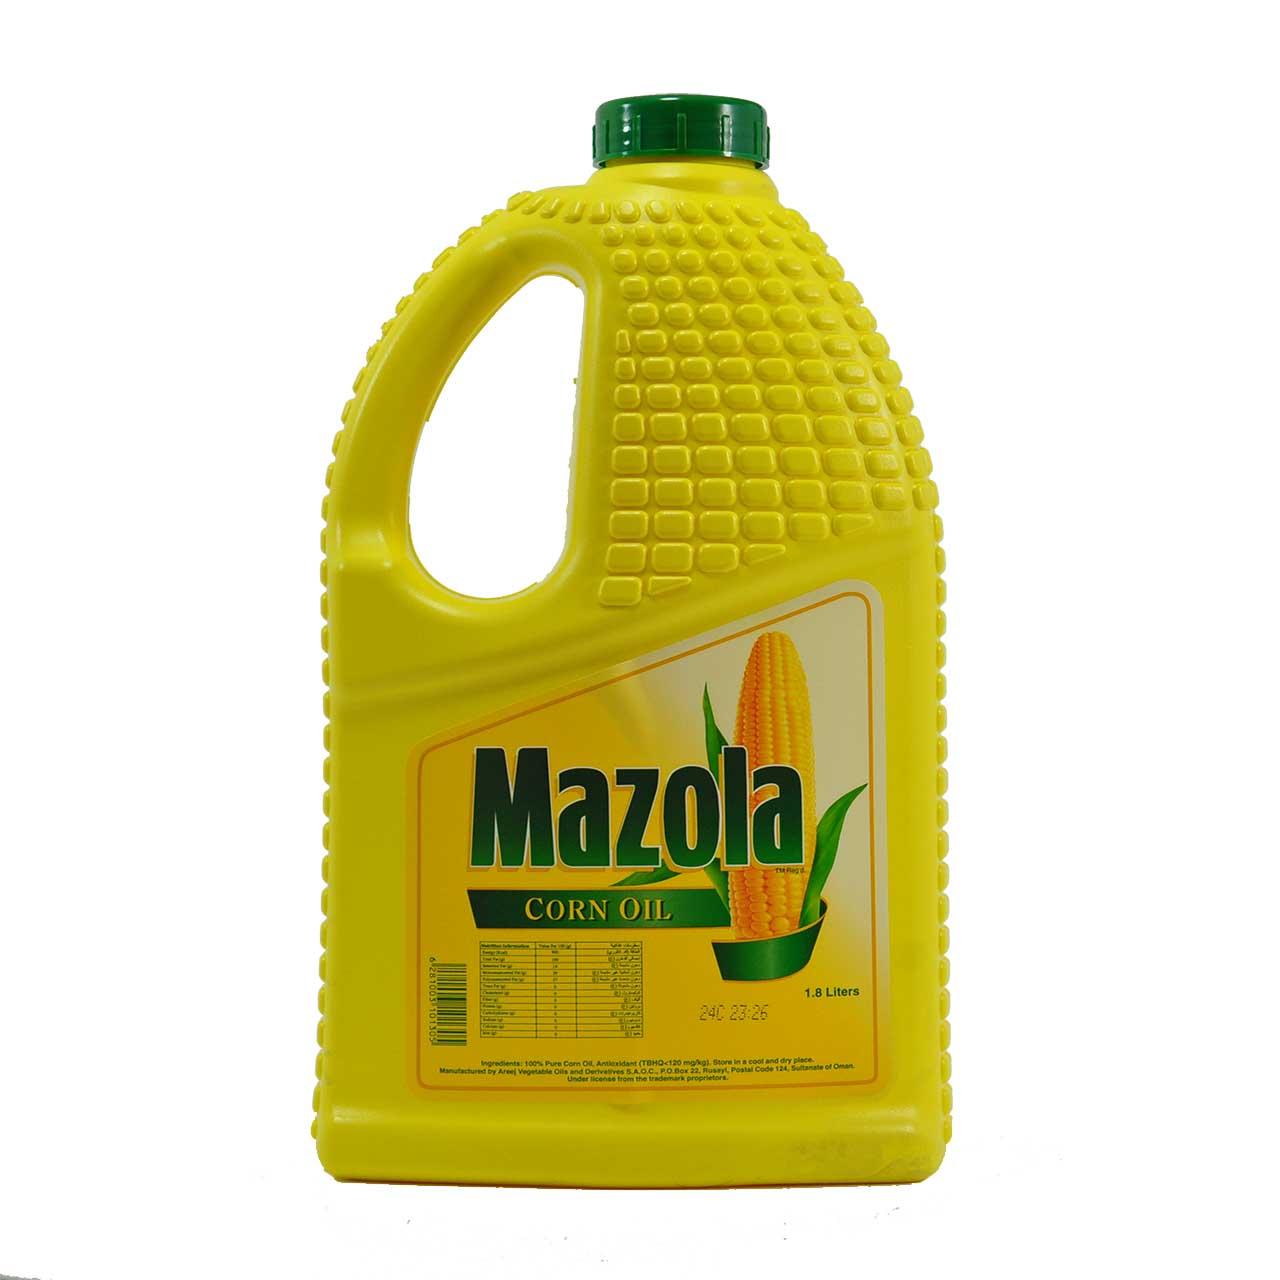 روغن ذرت مازولا ۲٫۵ لیتر